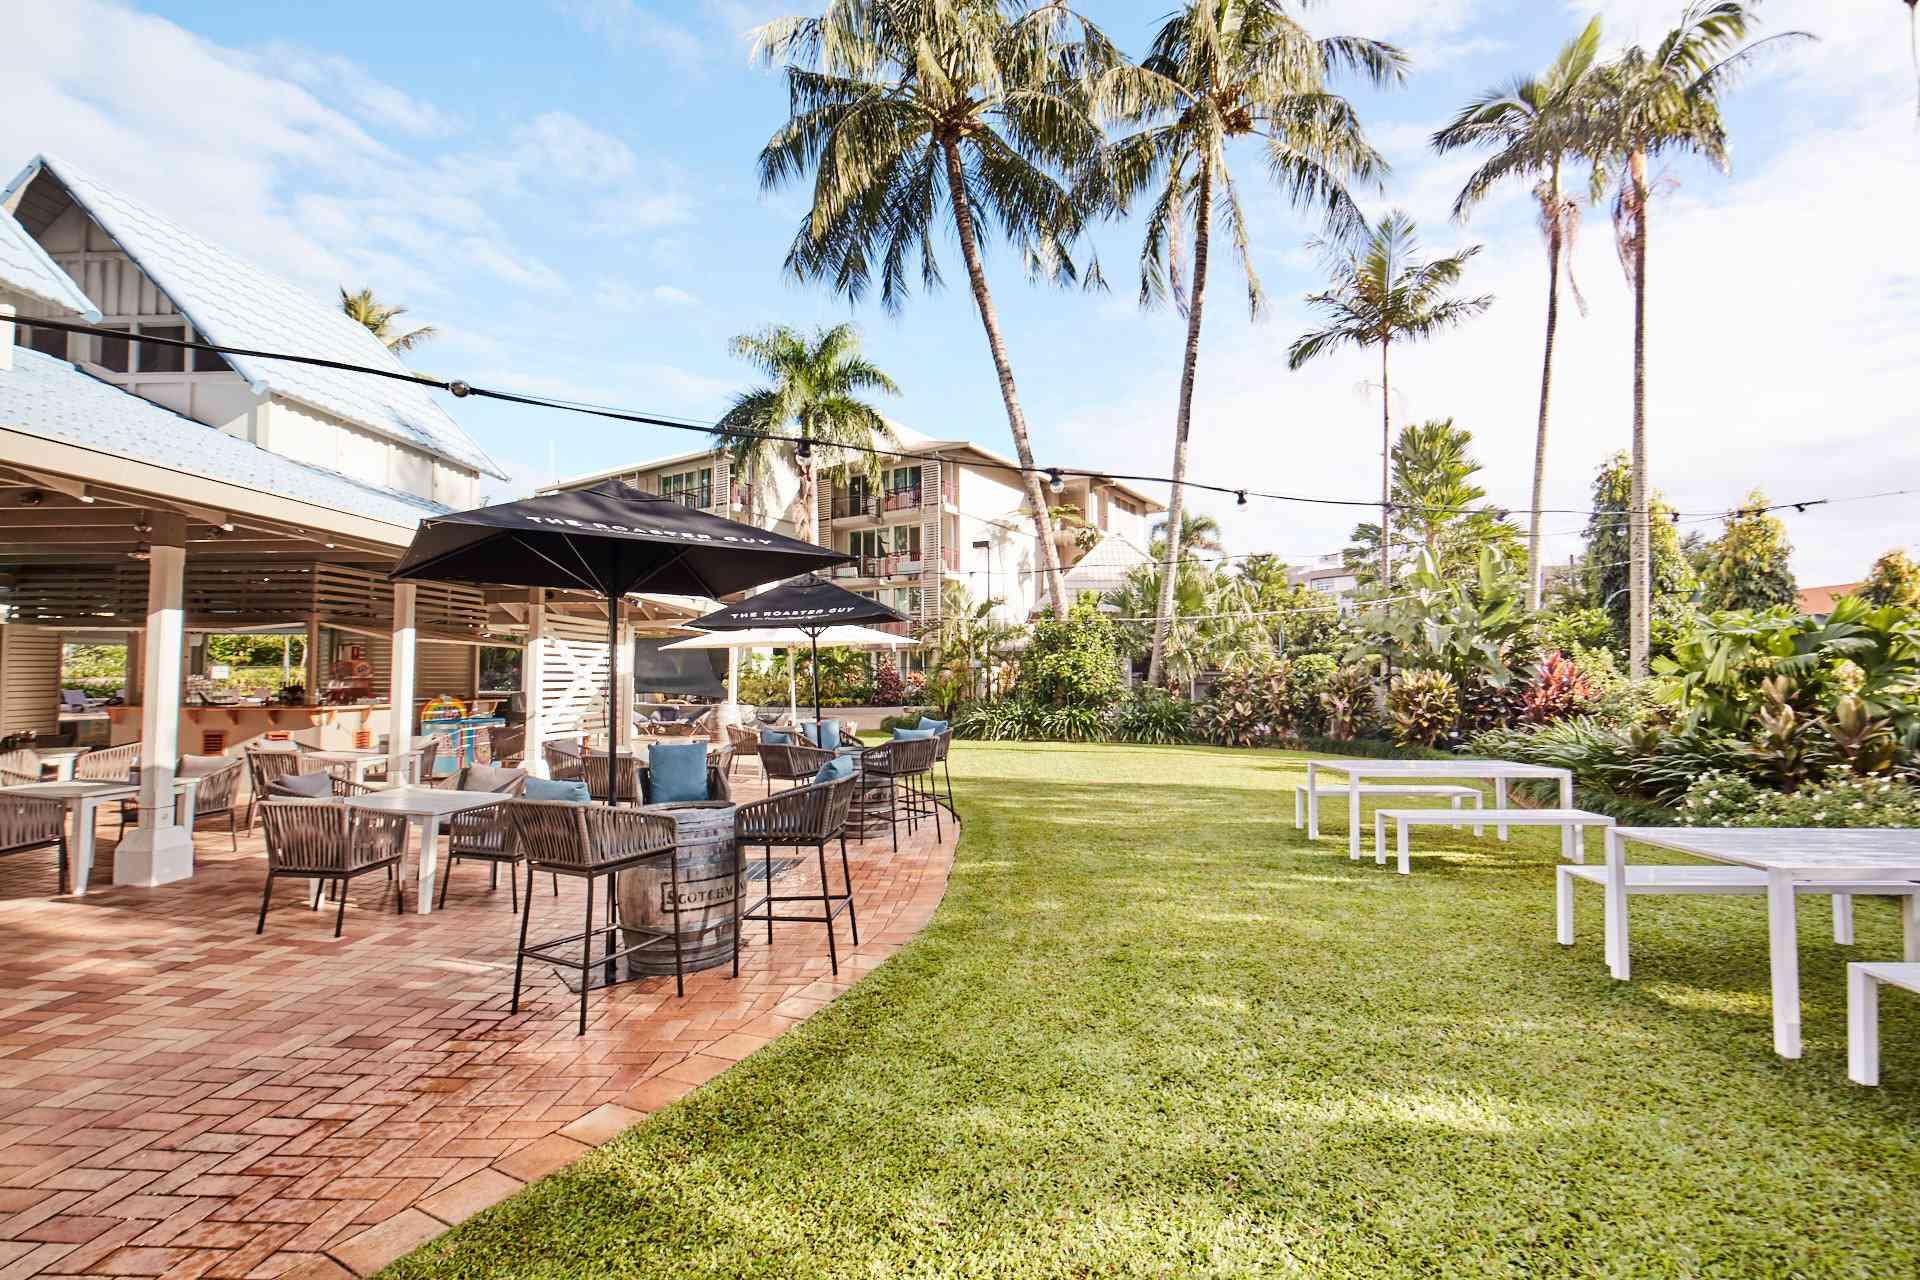 Comedor al aire libre con palmeras